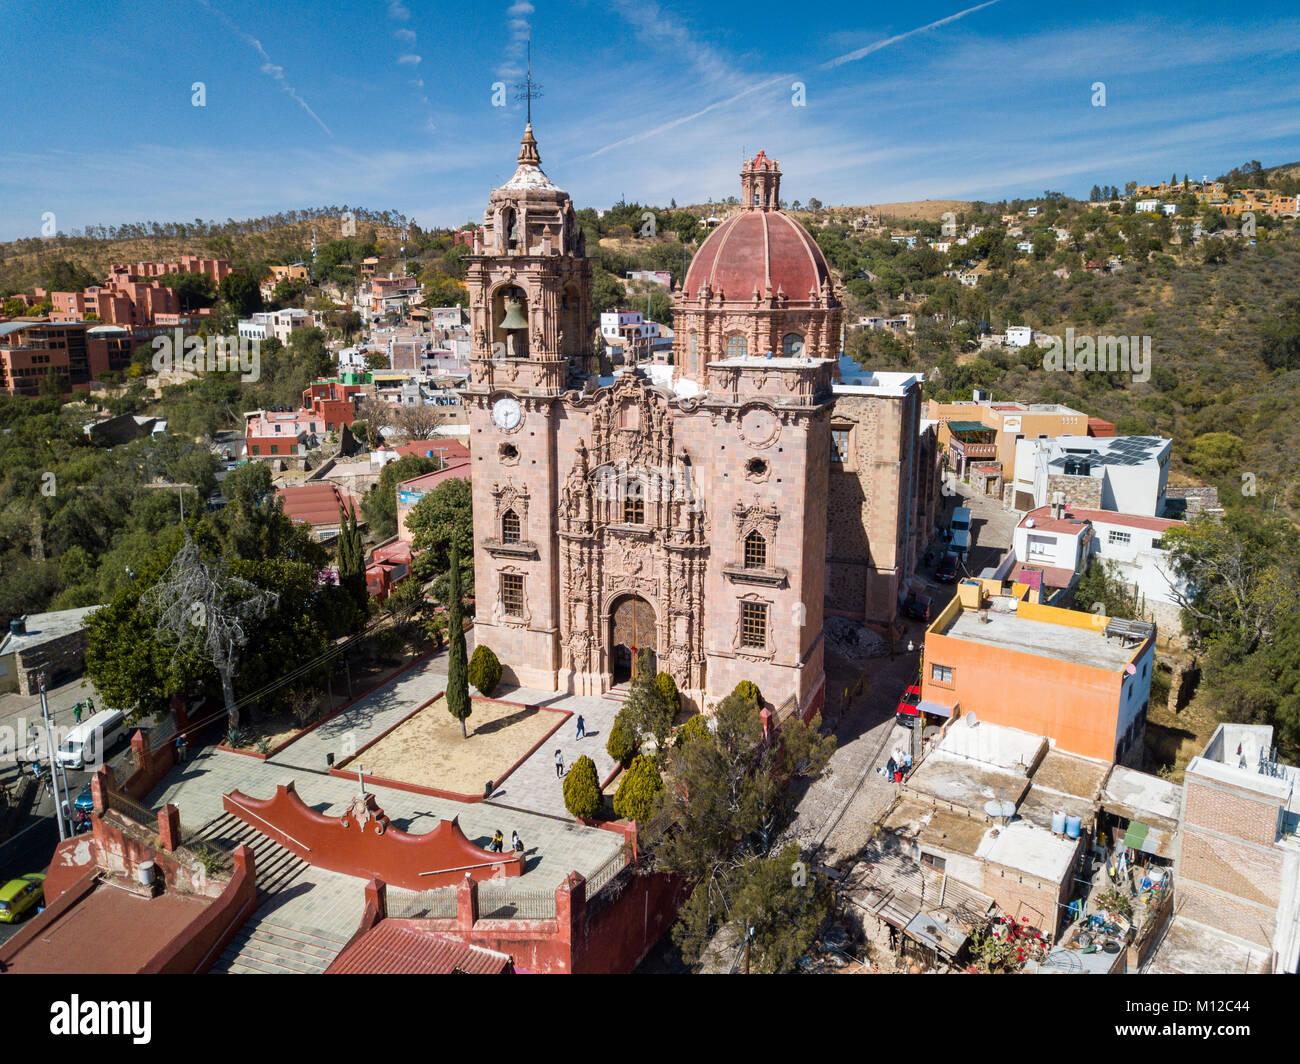 Iglesia de la Valenciana, également connu sous le nom de Templo de San Cayetano, Guanajuato, Mexique Photo Stock